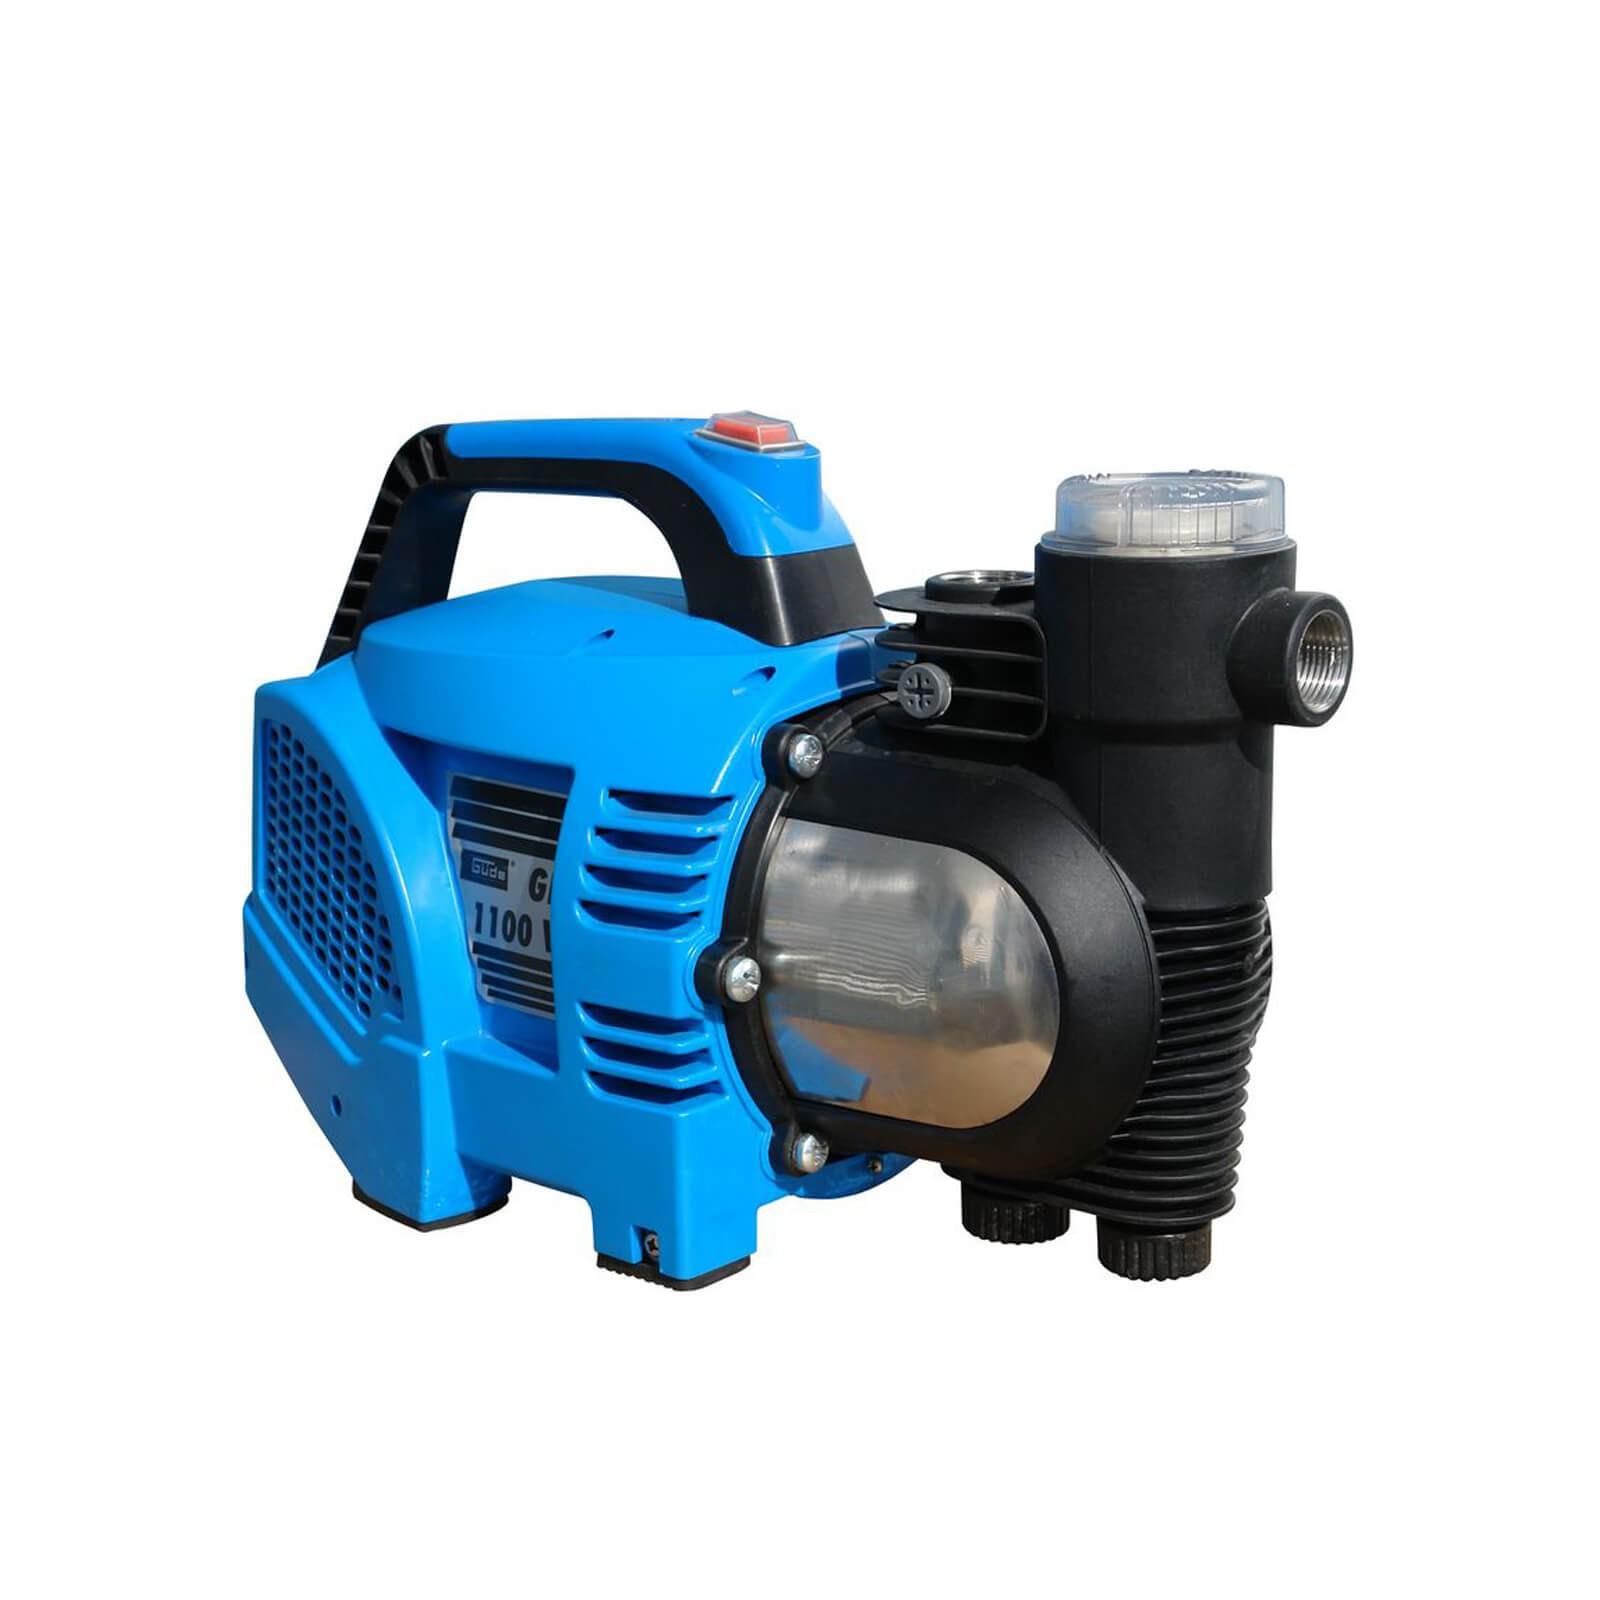 Güde GP 1100 VF Gartenpumpe 1100W 3600l/h Wasserpumpe Pumpe mit Wasserfilter 94228